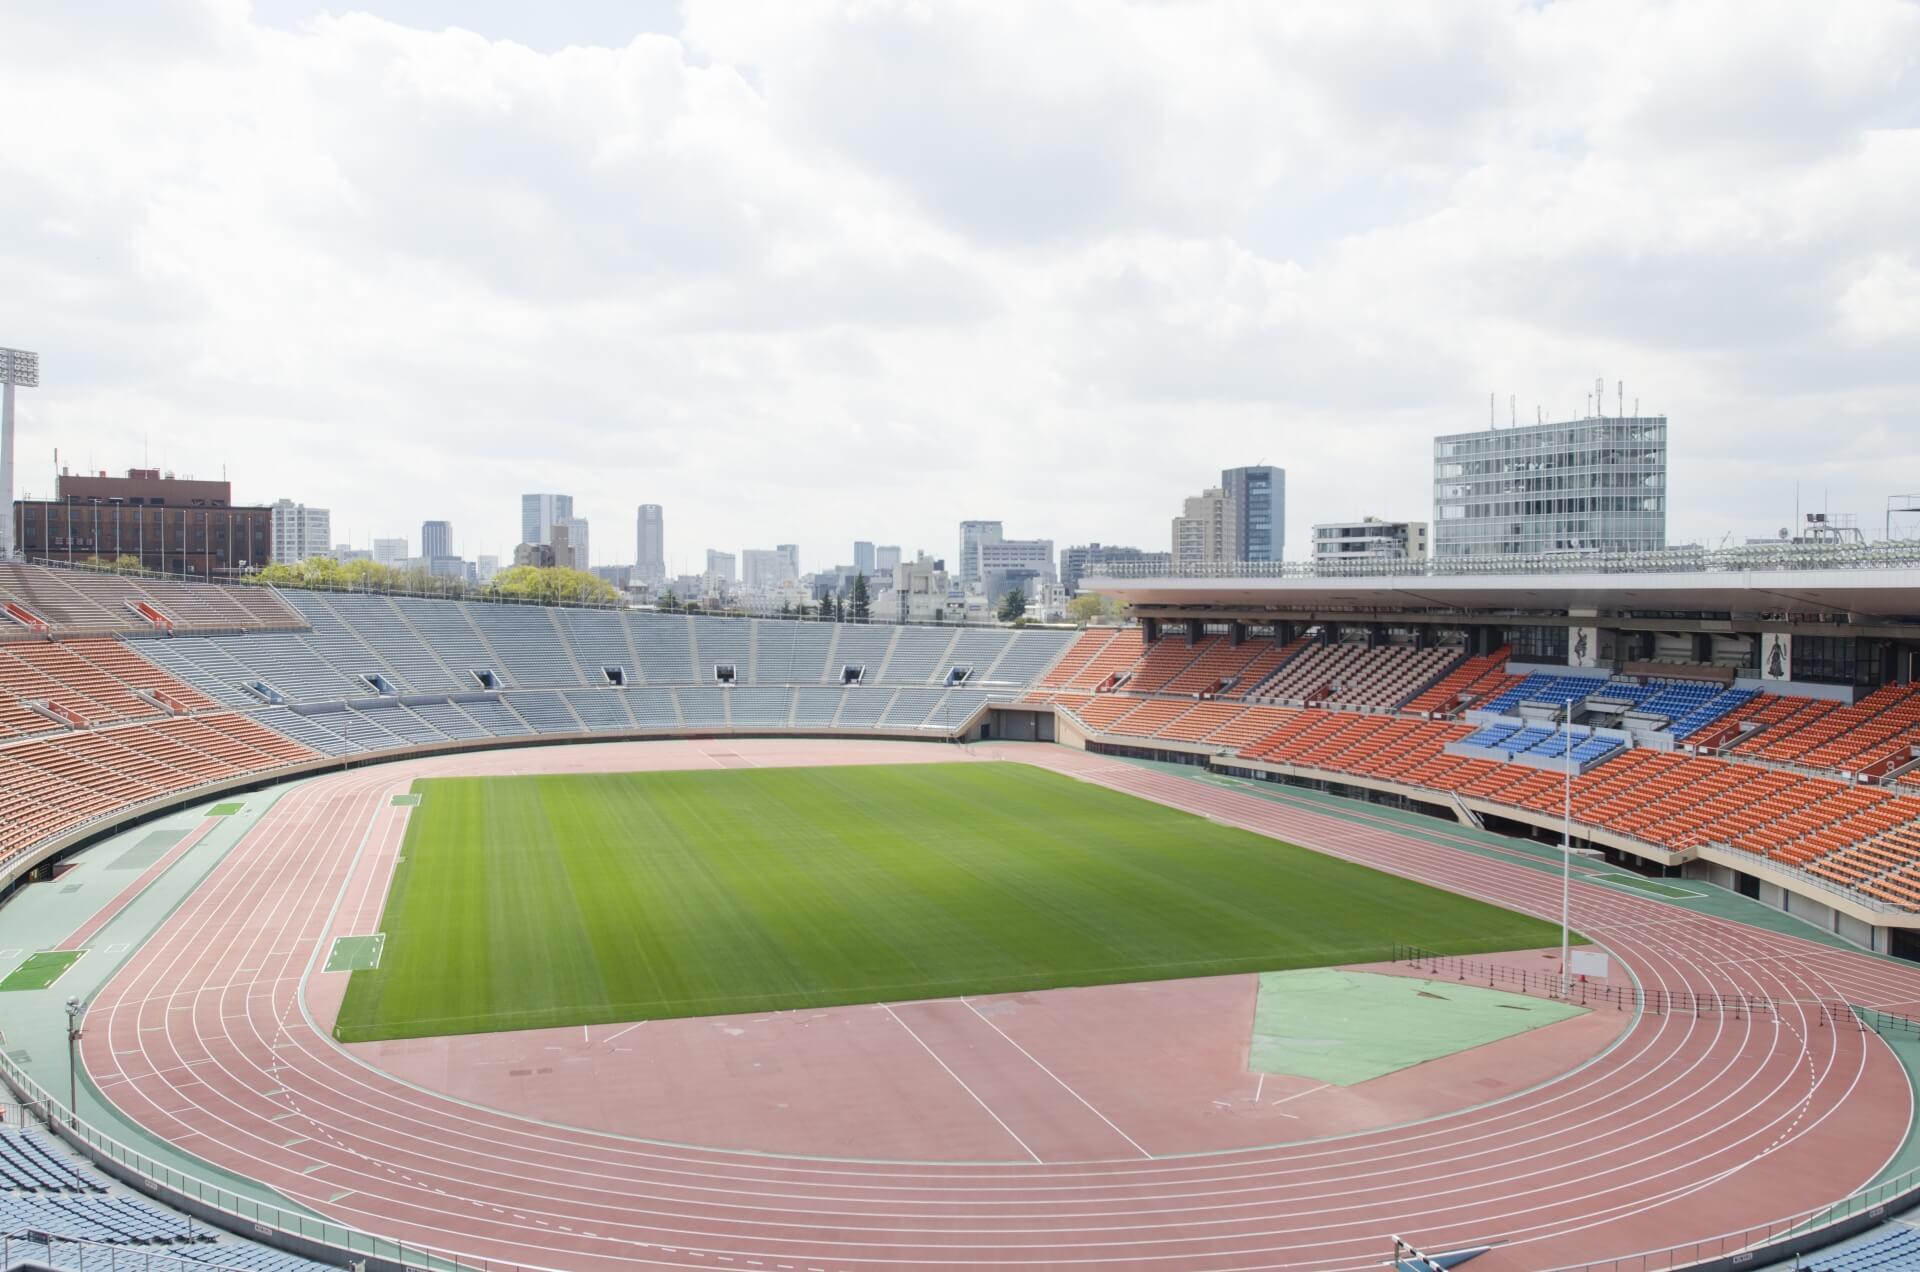 栃木県障がい者スポーツ指導者協議会